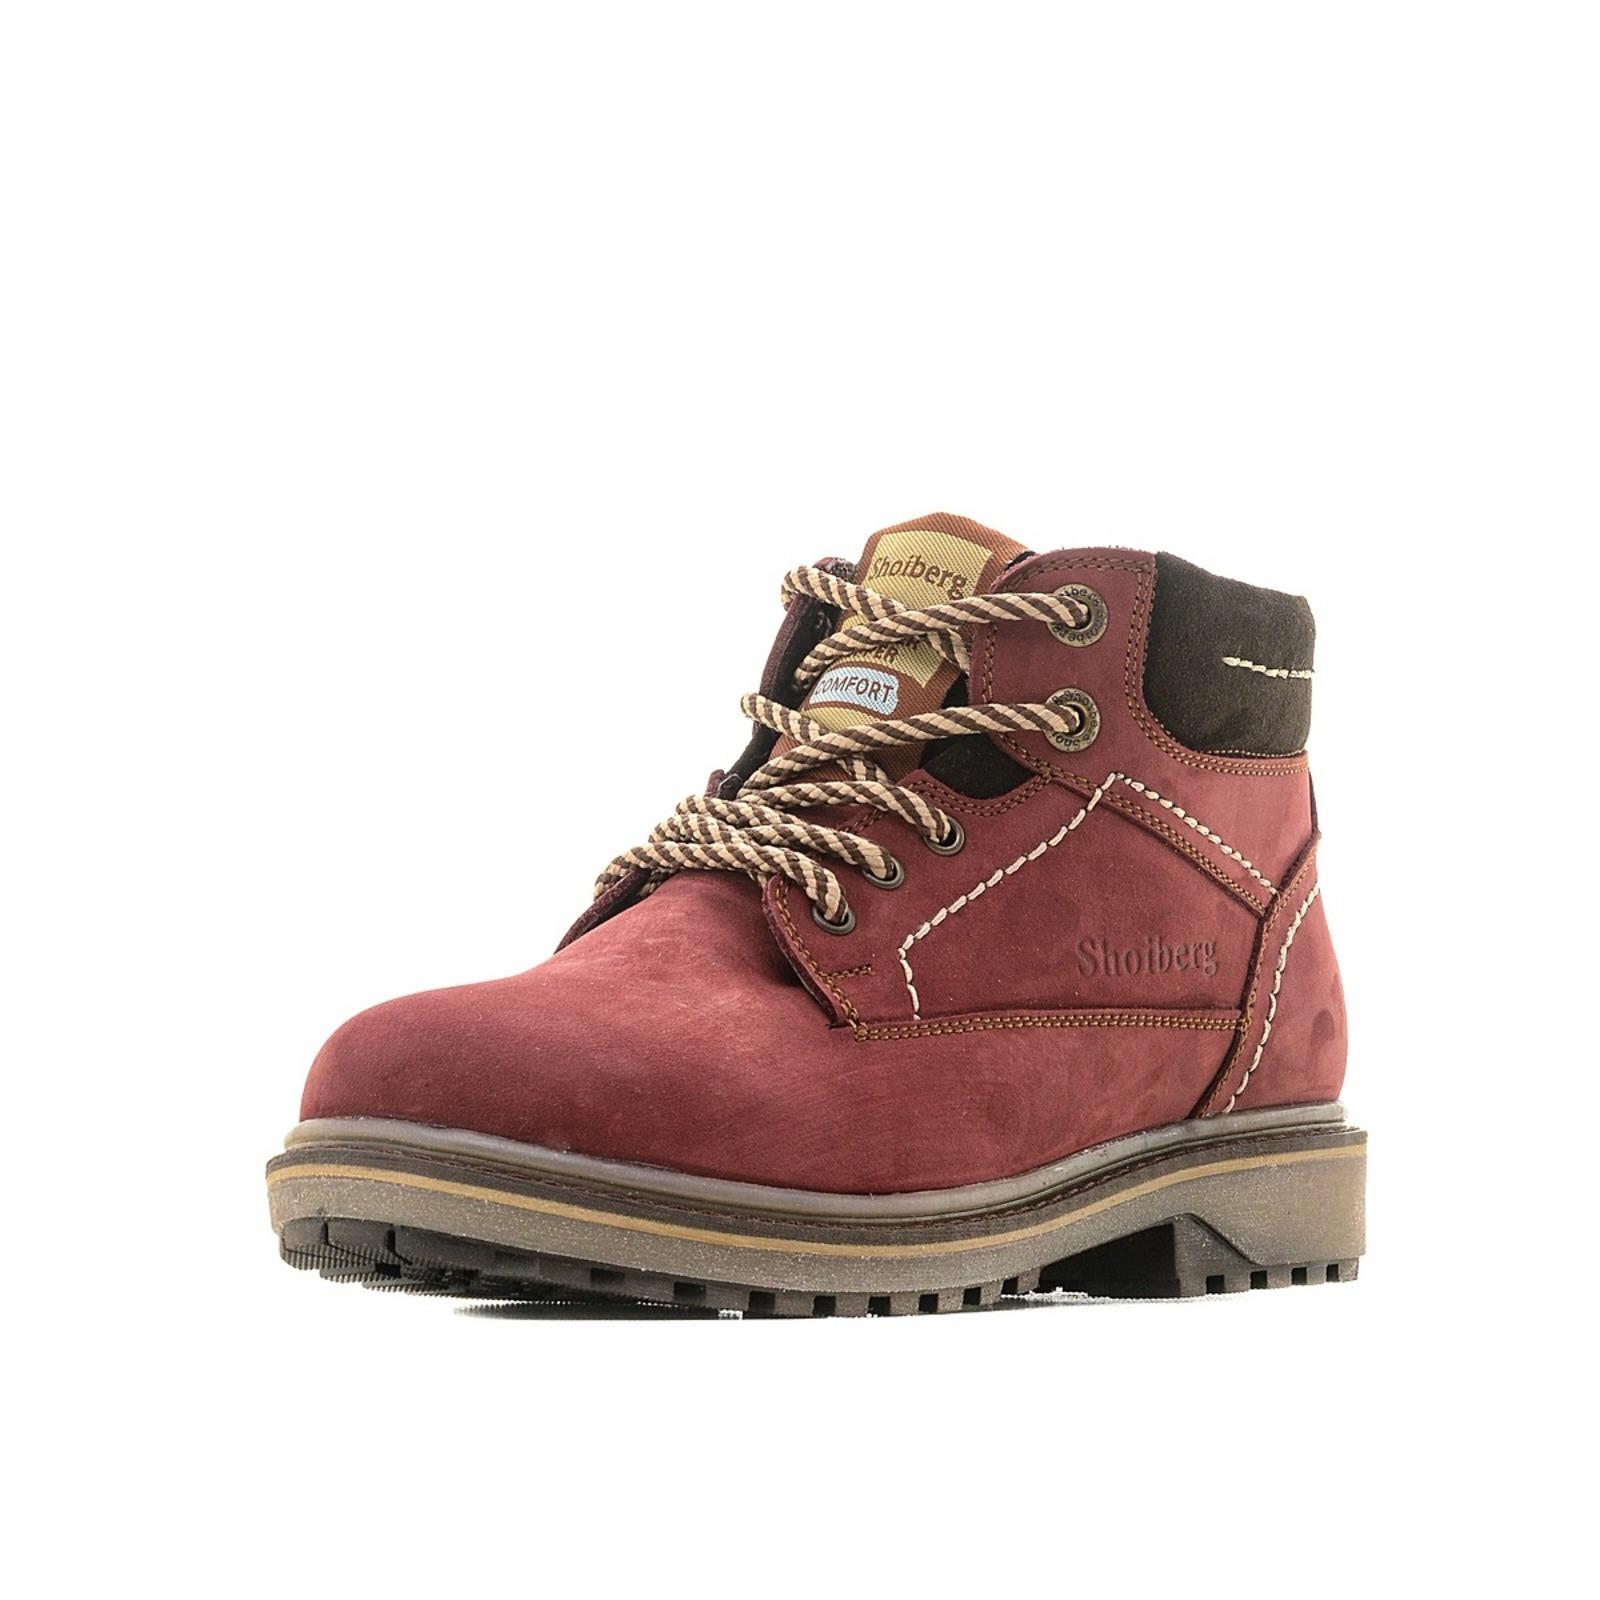 Ботинки женские со вставкой на голенище обувь shoiberg